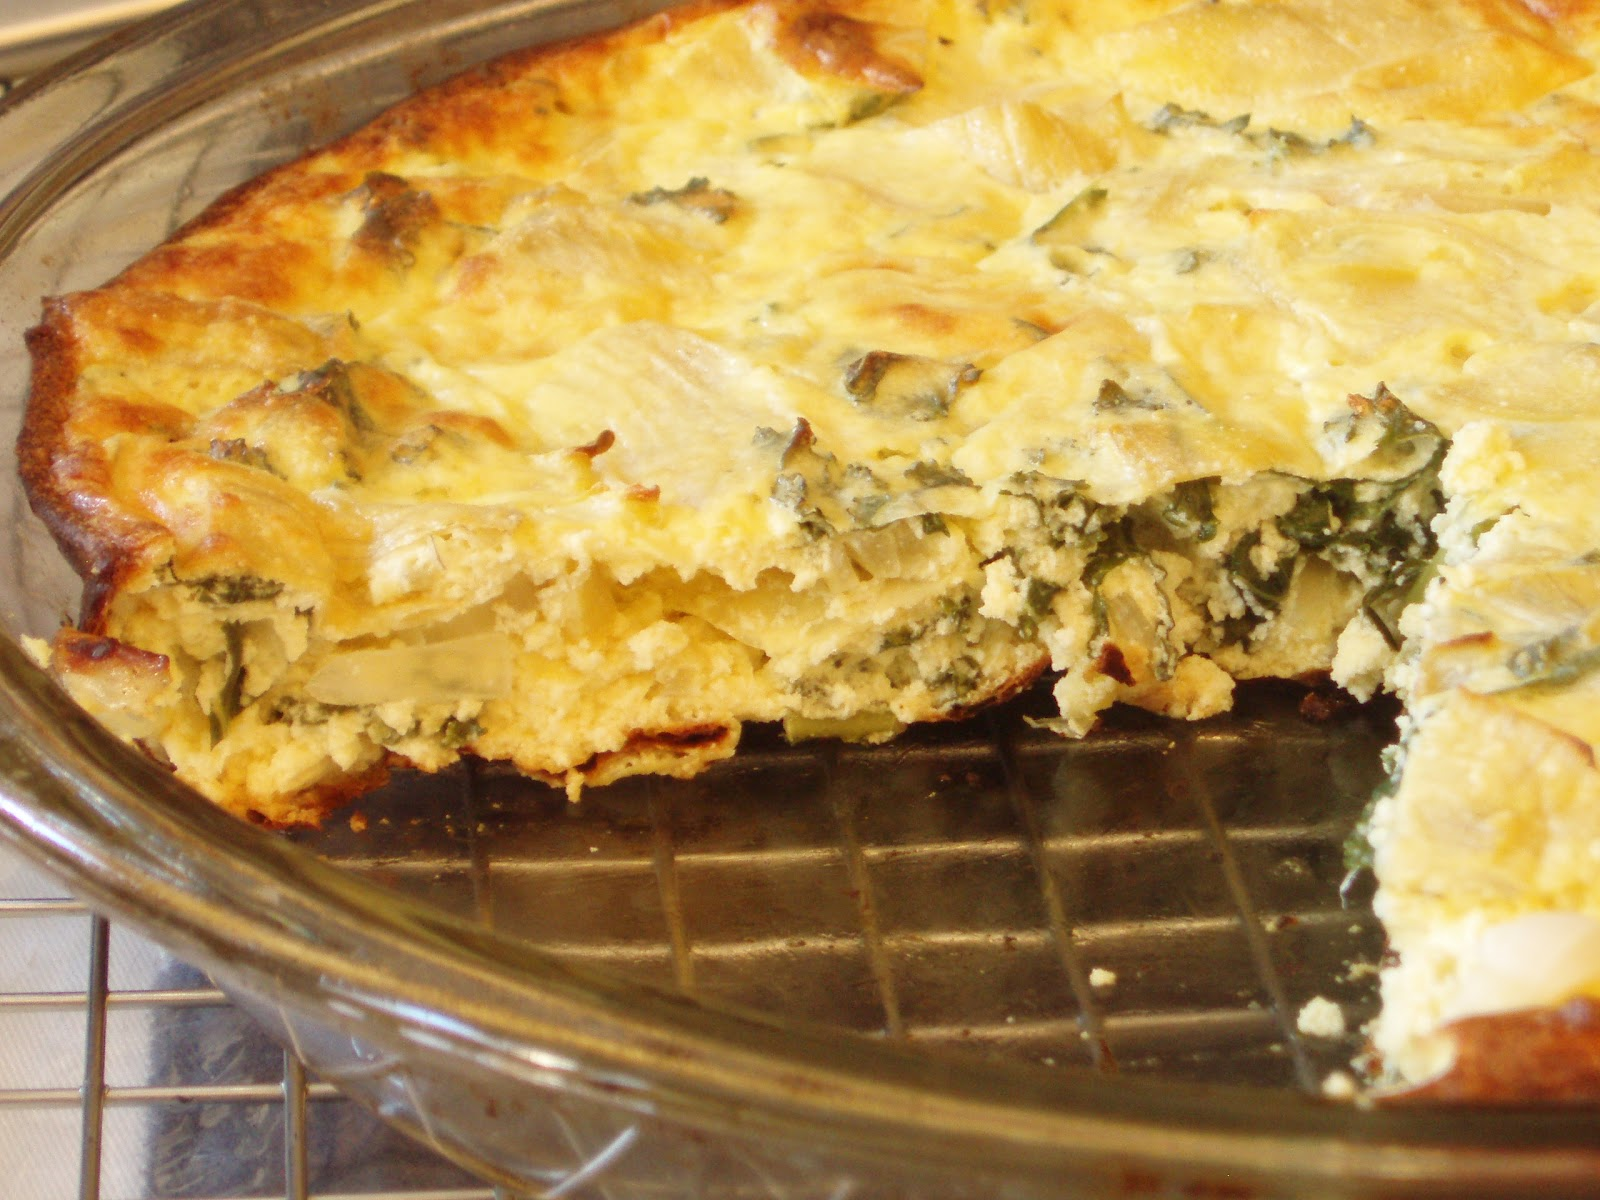 Open Mouth Insert Food: Artichoke, Kale & Ricotta Pie